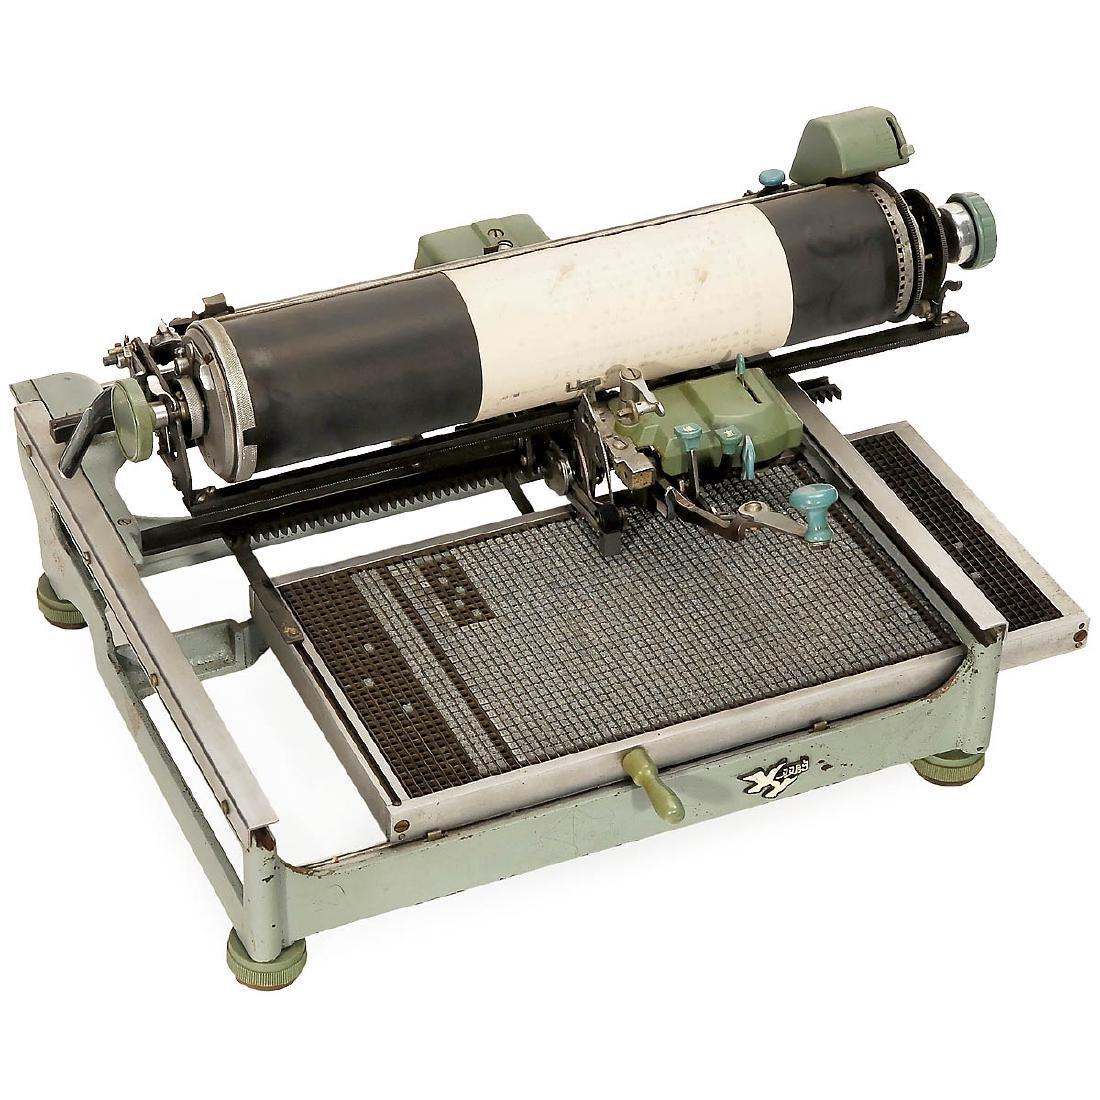 Chinese Mechanical Typewriter, c. 1955 - 2